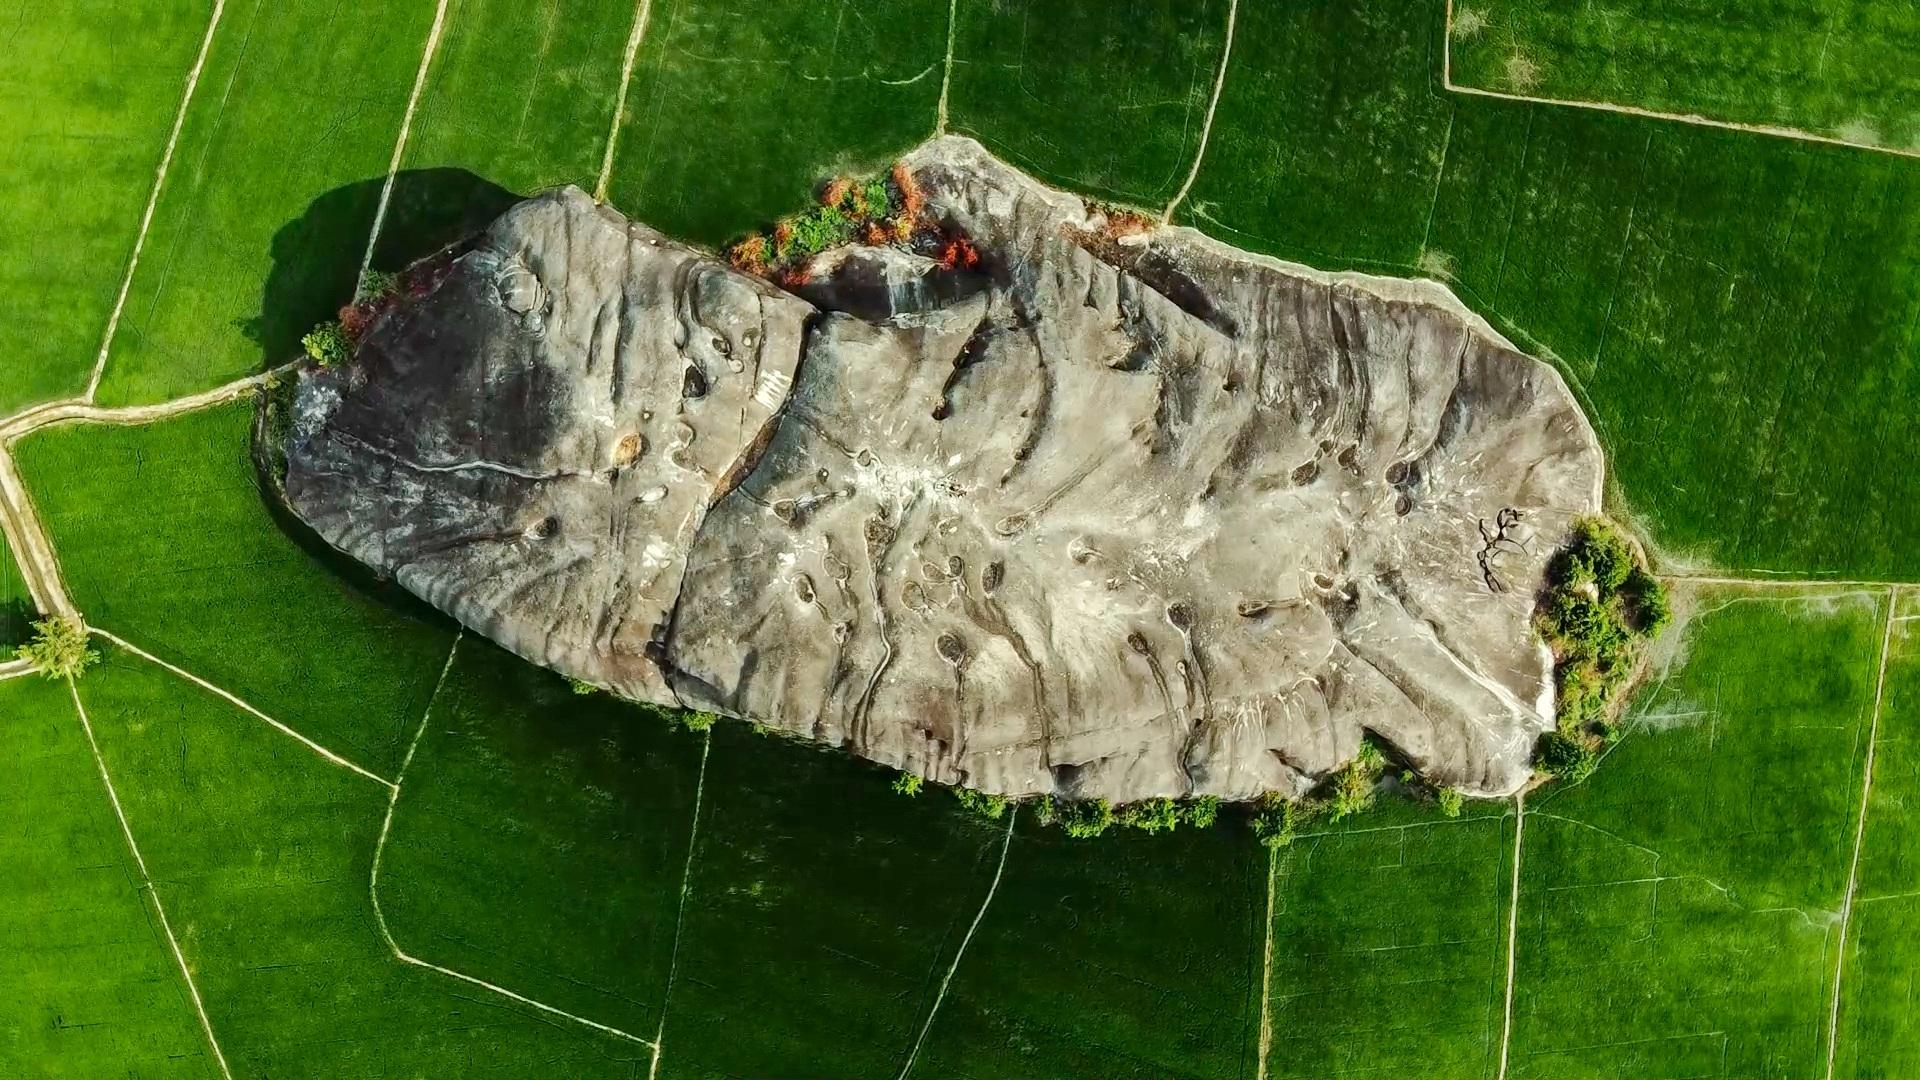 Khám phá đá Chữ Thập, địa điểm dã ngoại lí tưởng quanh khu vực Sài Gòn - Ảnh 8.